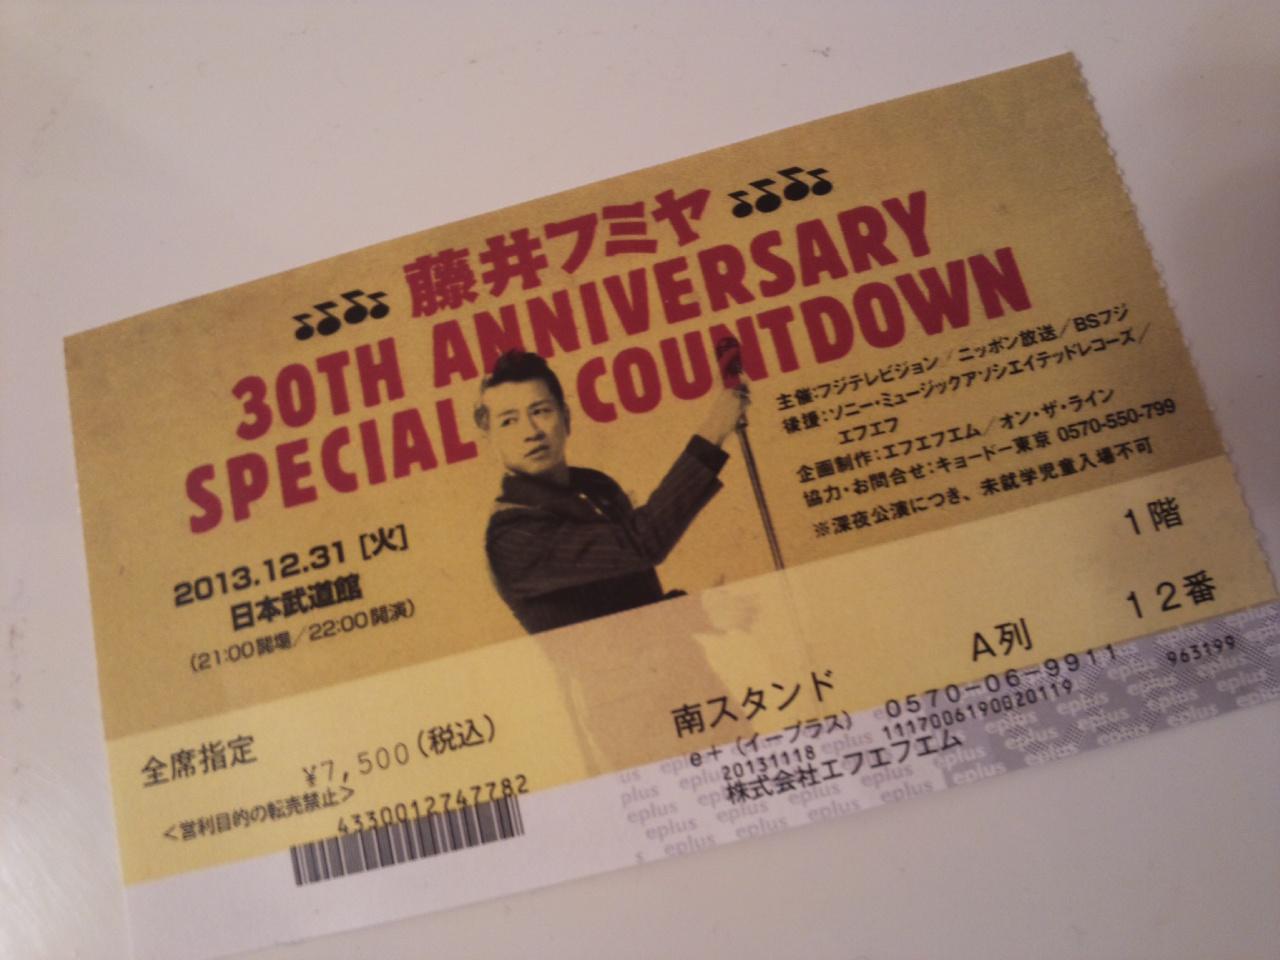 藤井フミヤCOUNTDOWN!